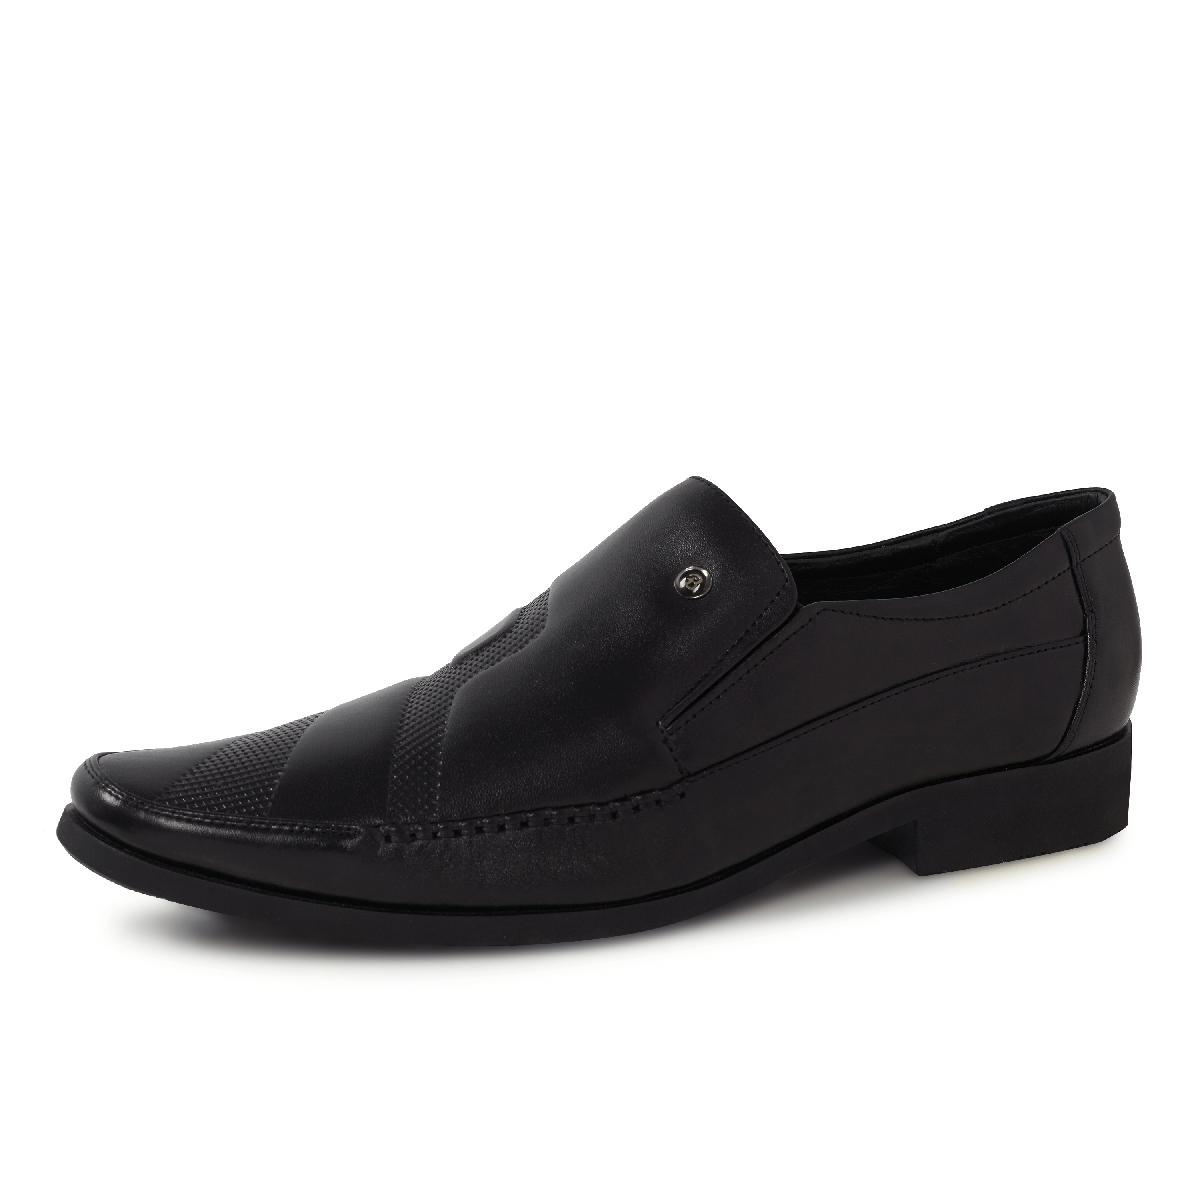 Giày tây văn phòng AB-M109 với họa tiết trên thân giày da bóng, mang đến sự sang trọng và thu hút ánh nhìn người đối diện